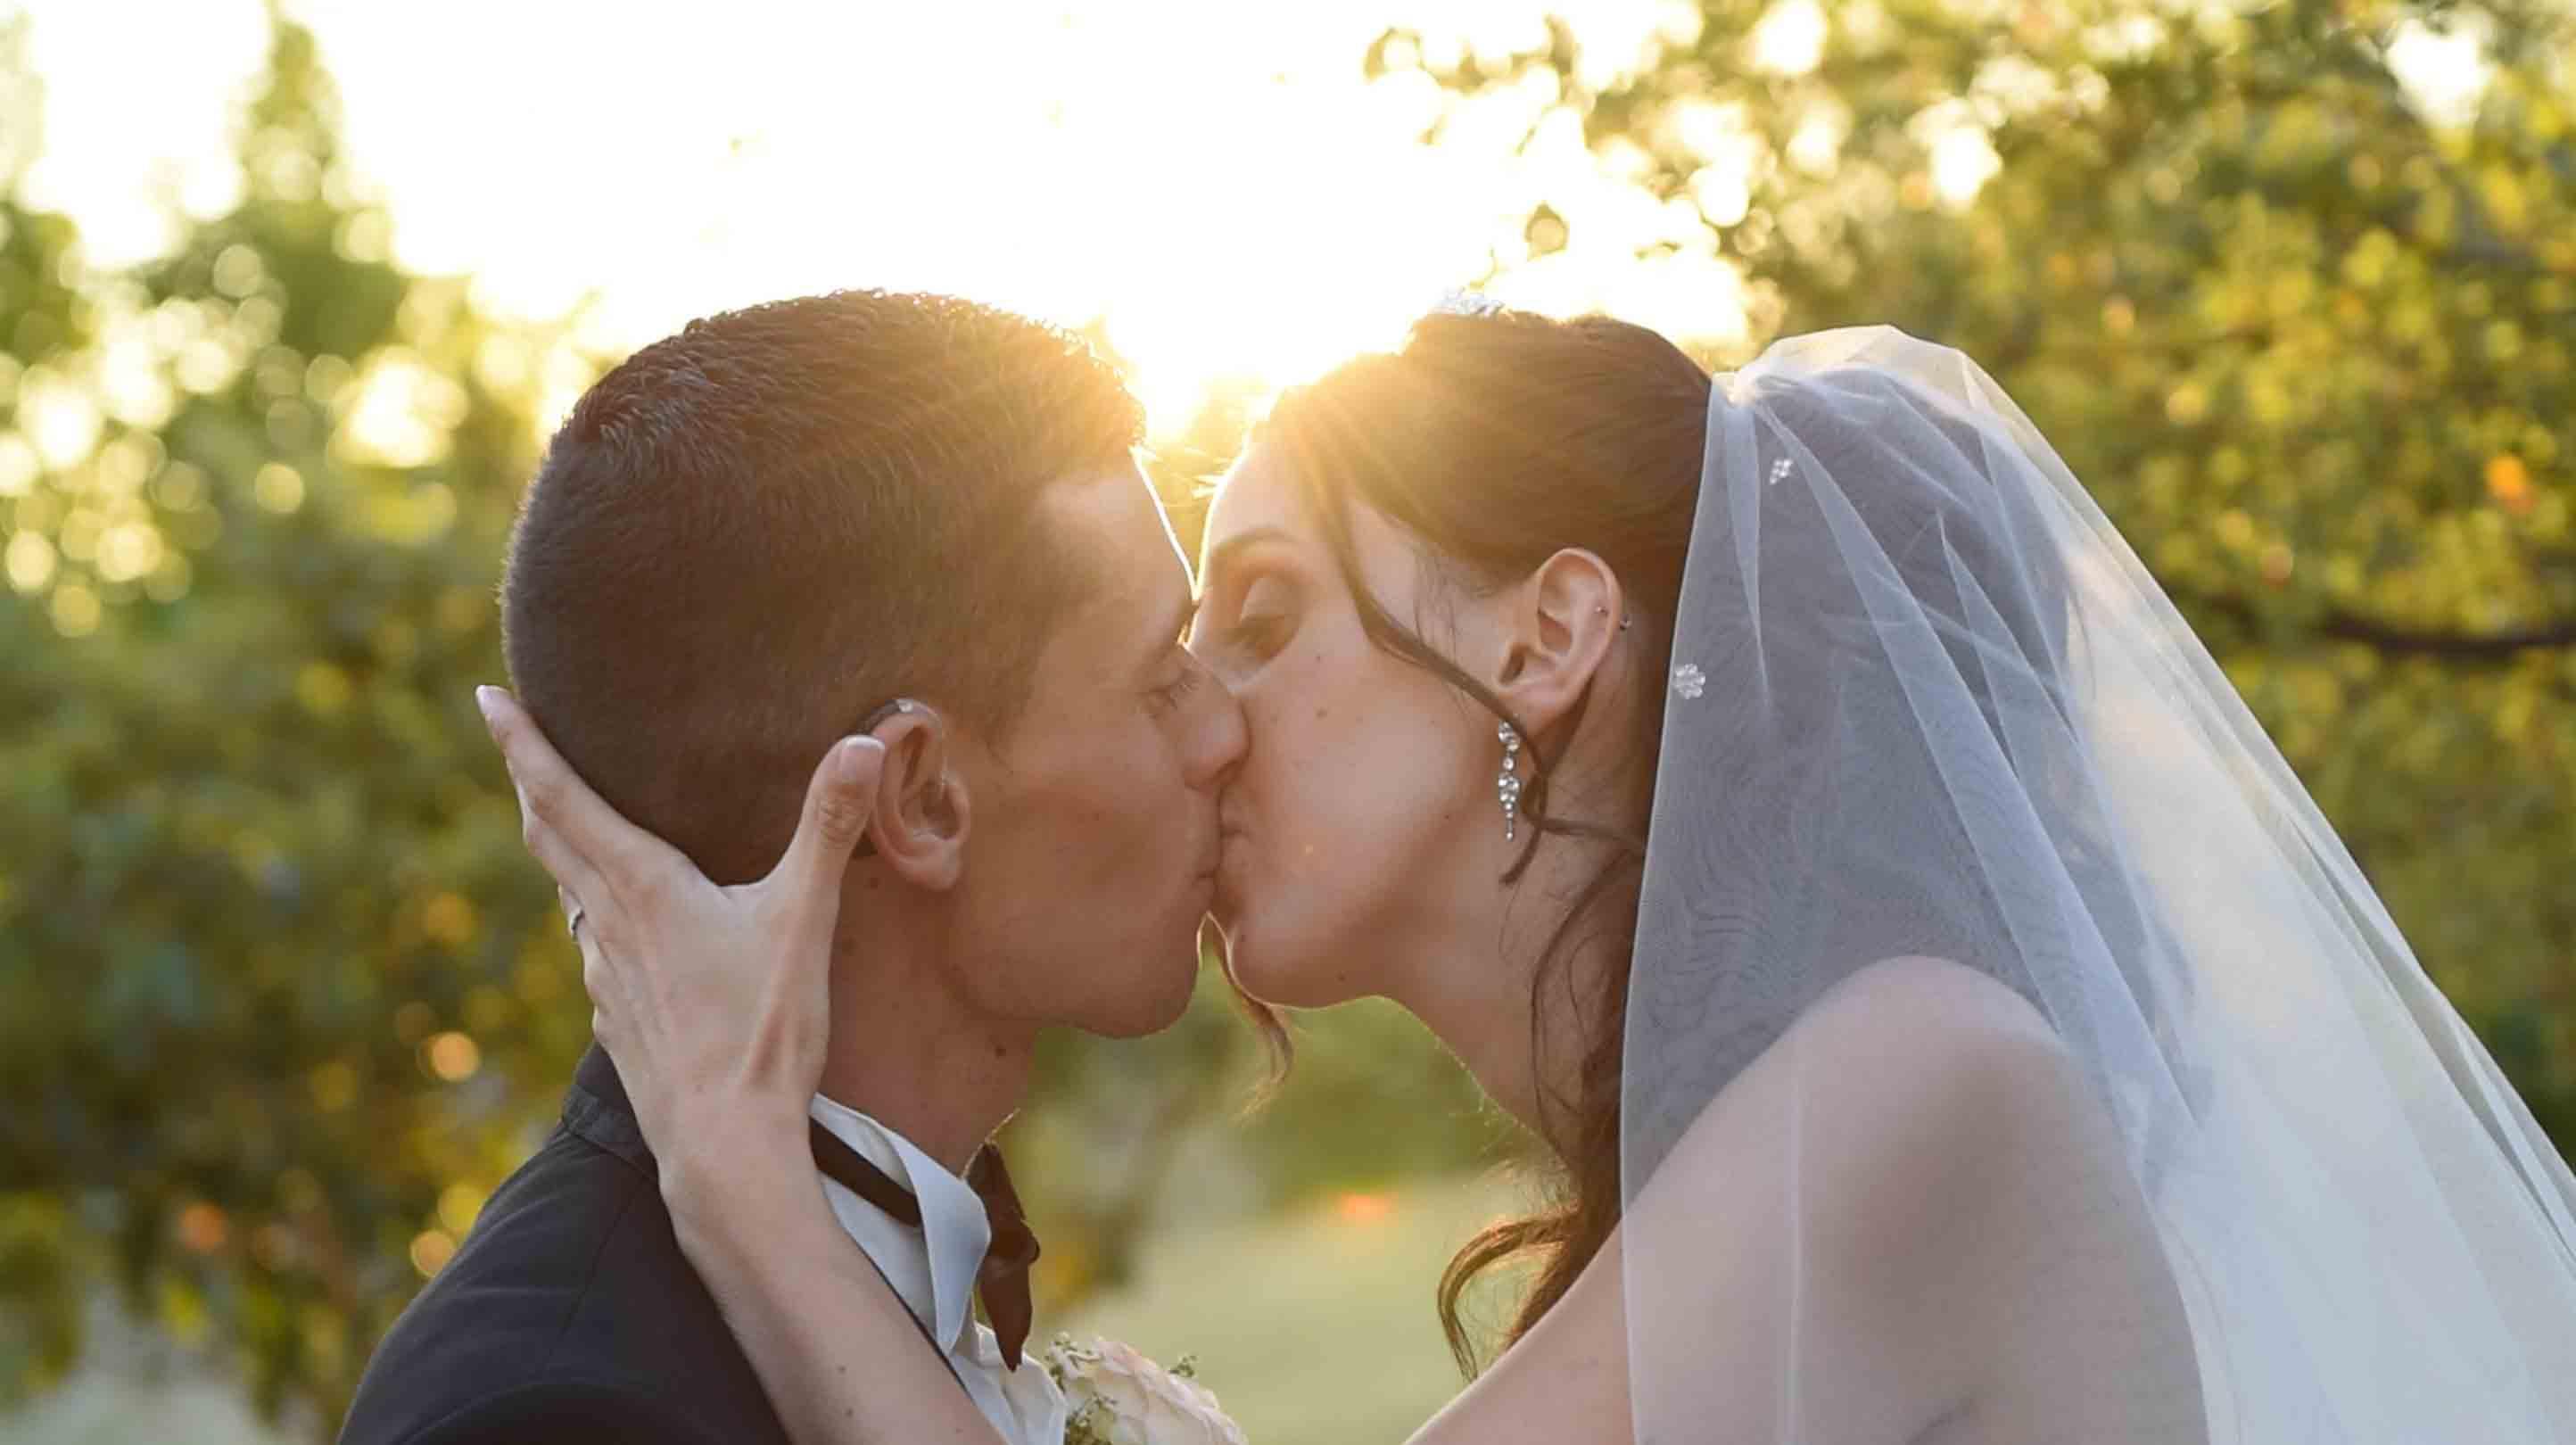 Mariage en drone de Bastien et Marina